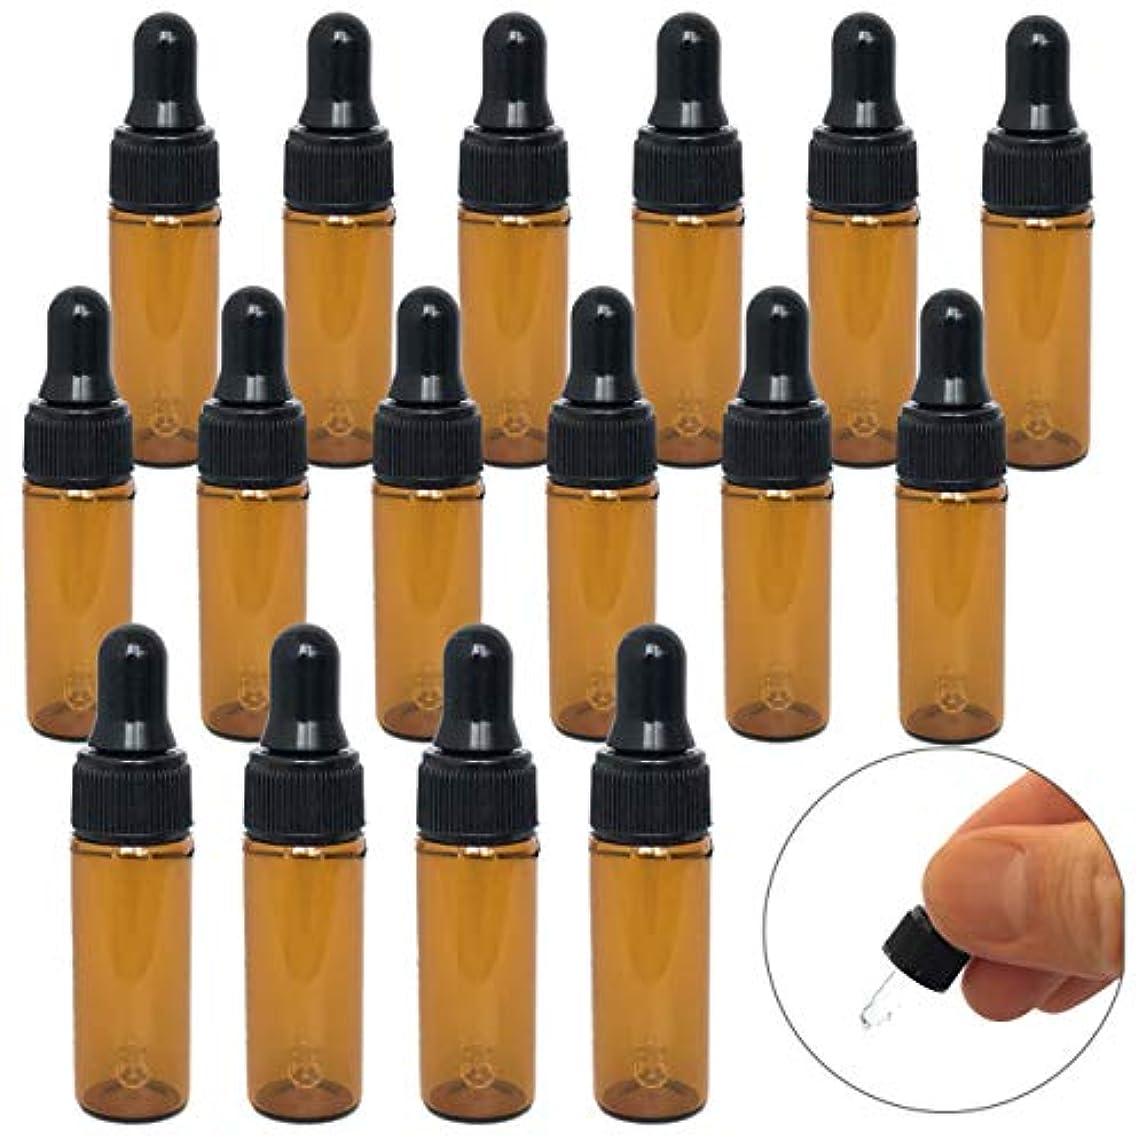 (m-stone)スポイト遮光瓶 セット アロマオイル エッセンシャルオイル 精油 ガラス製 茶色 遮光瓶 ガラスボトル アンバー (5ml 15本 セット)